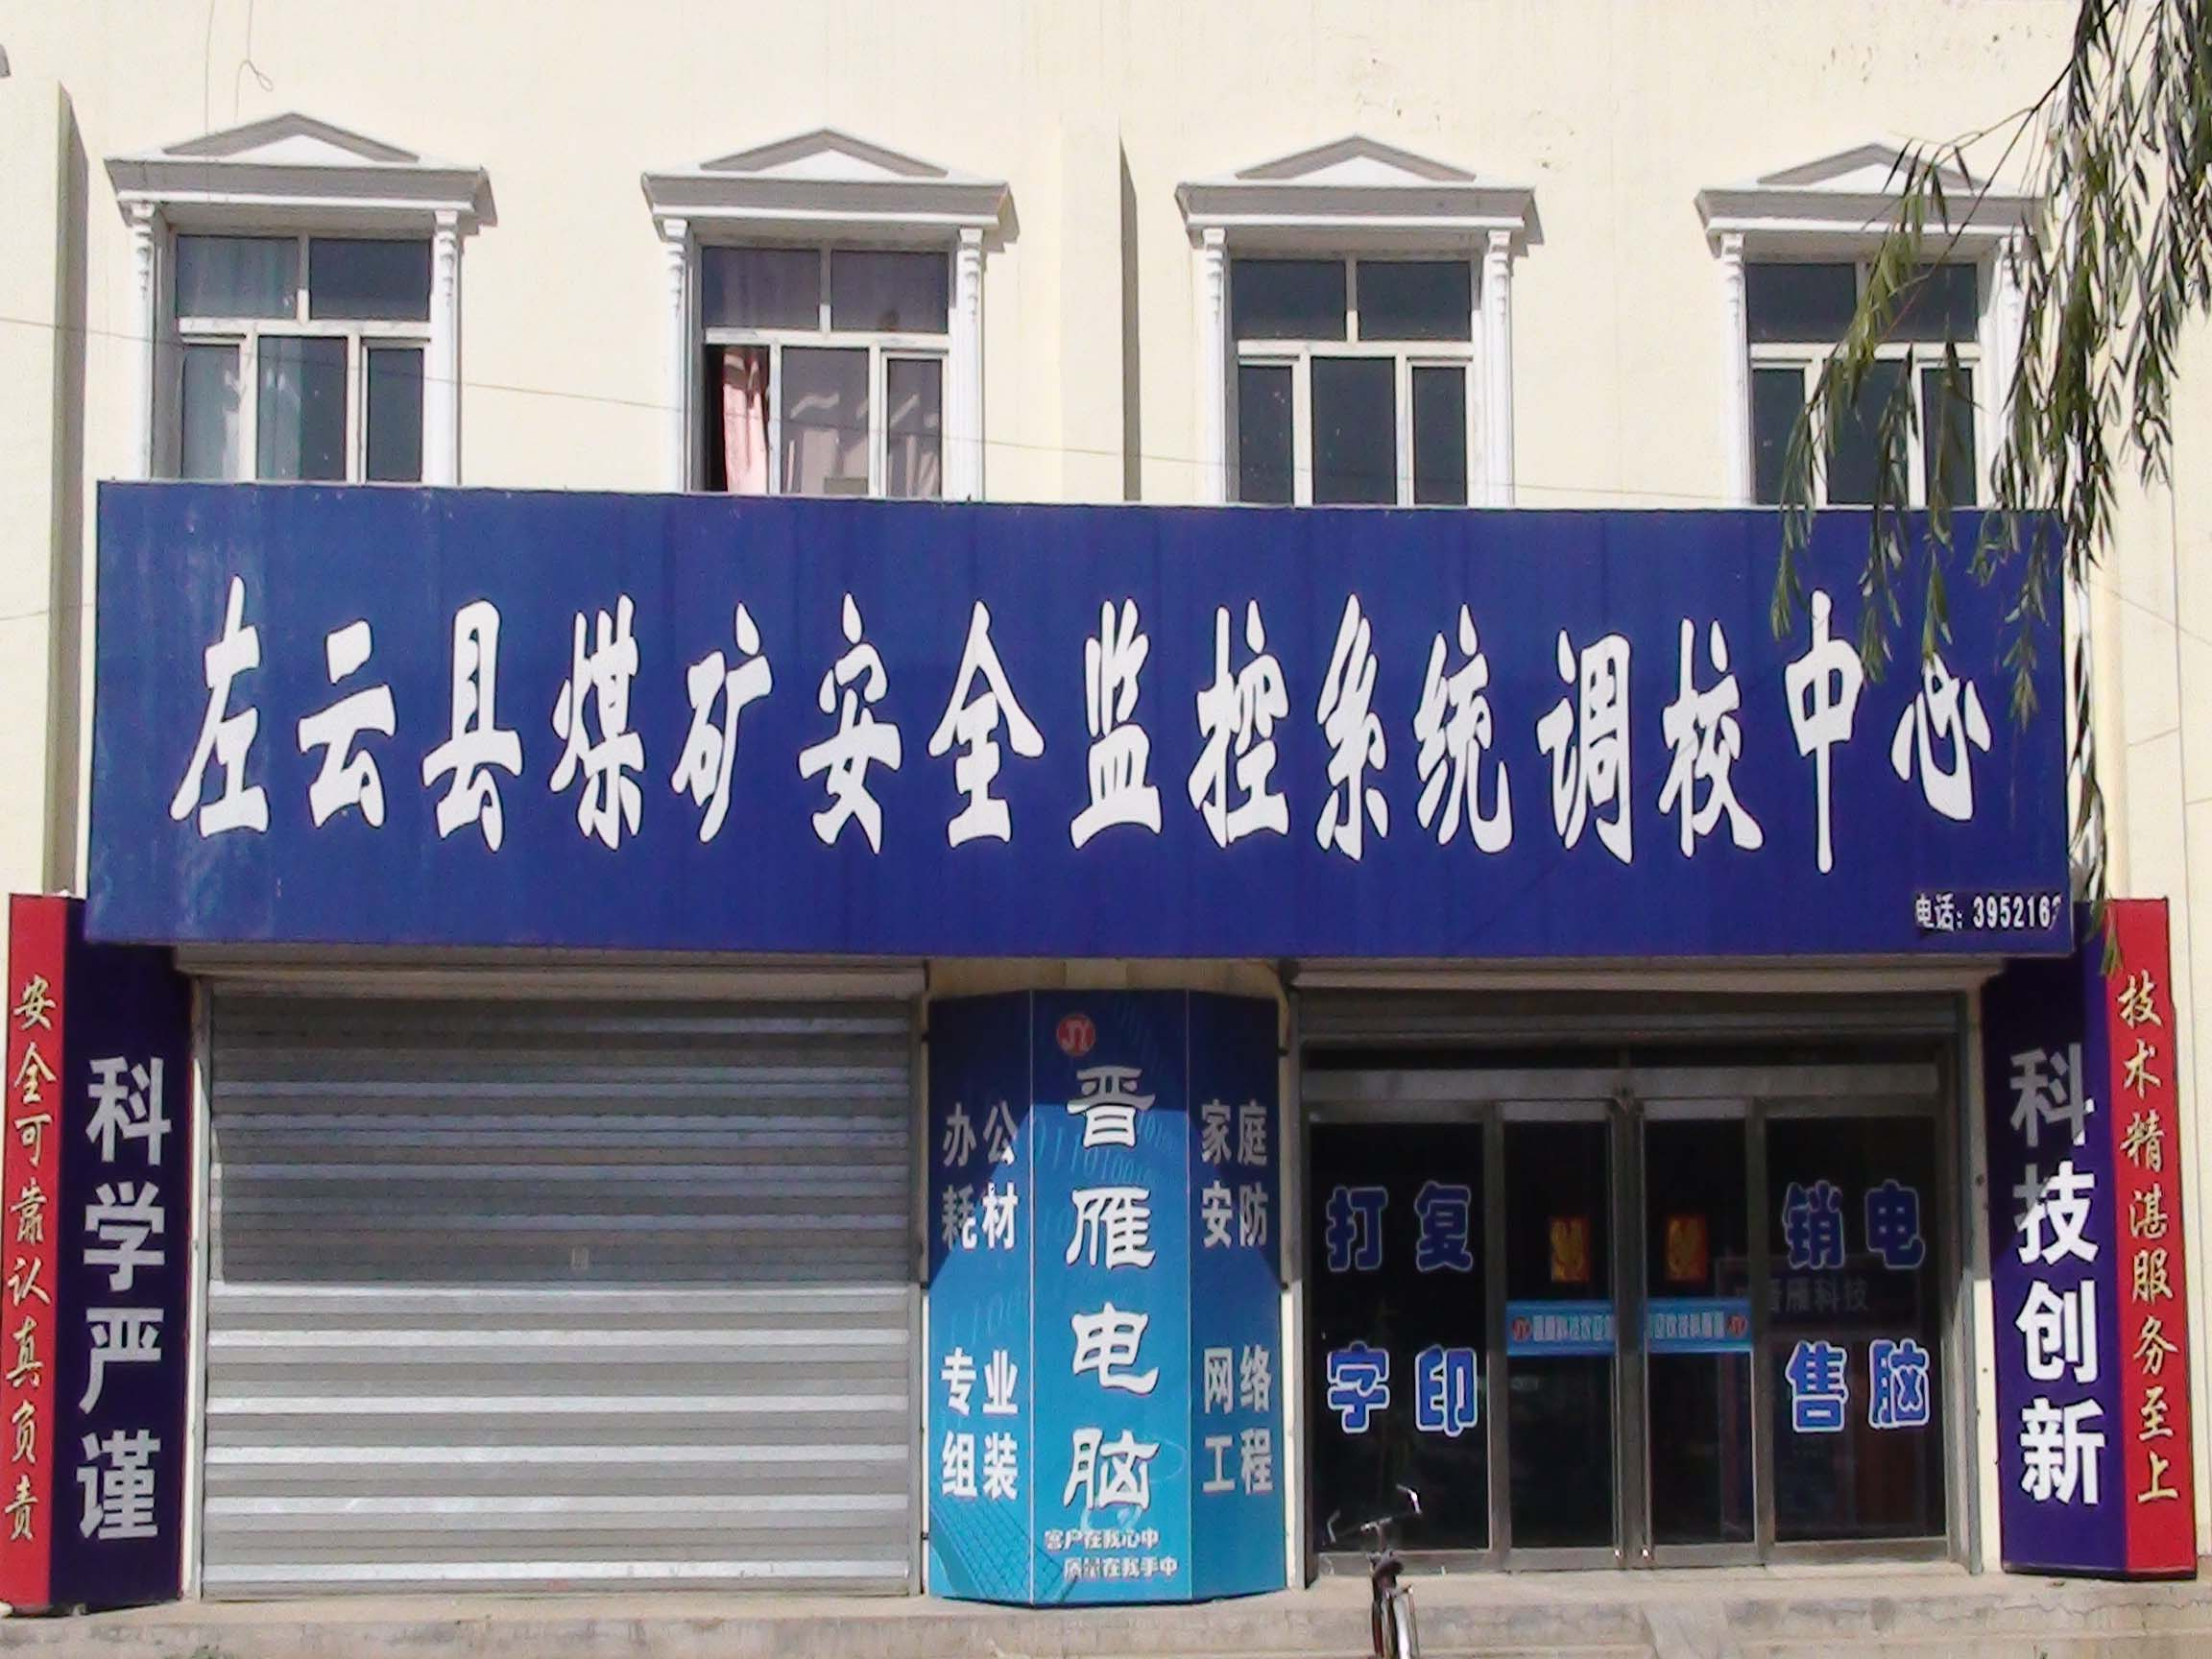 晋雁科技美高梅店